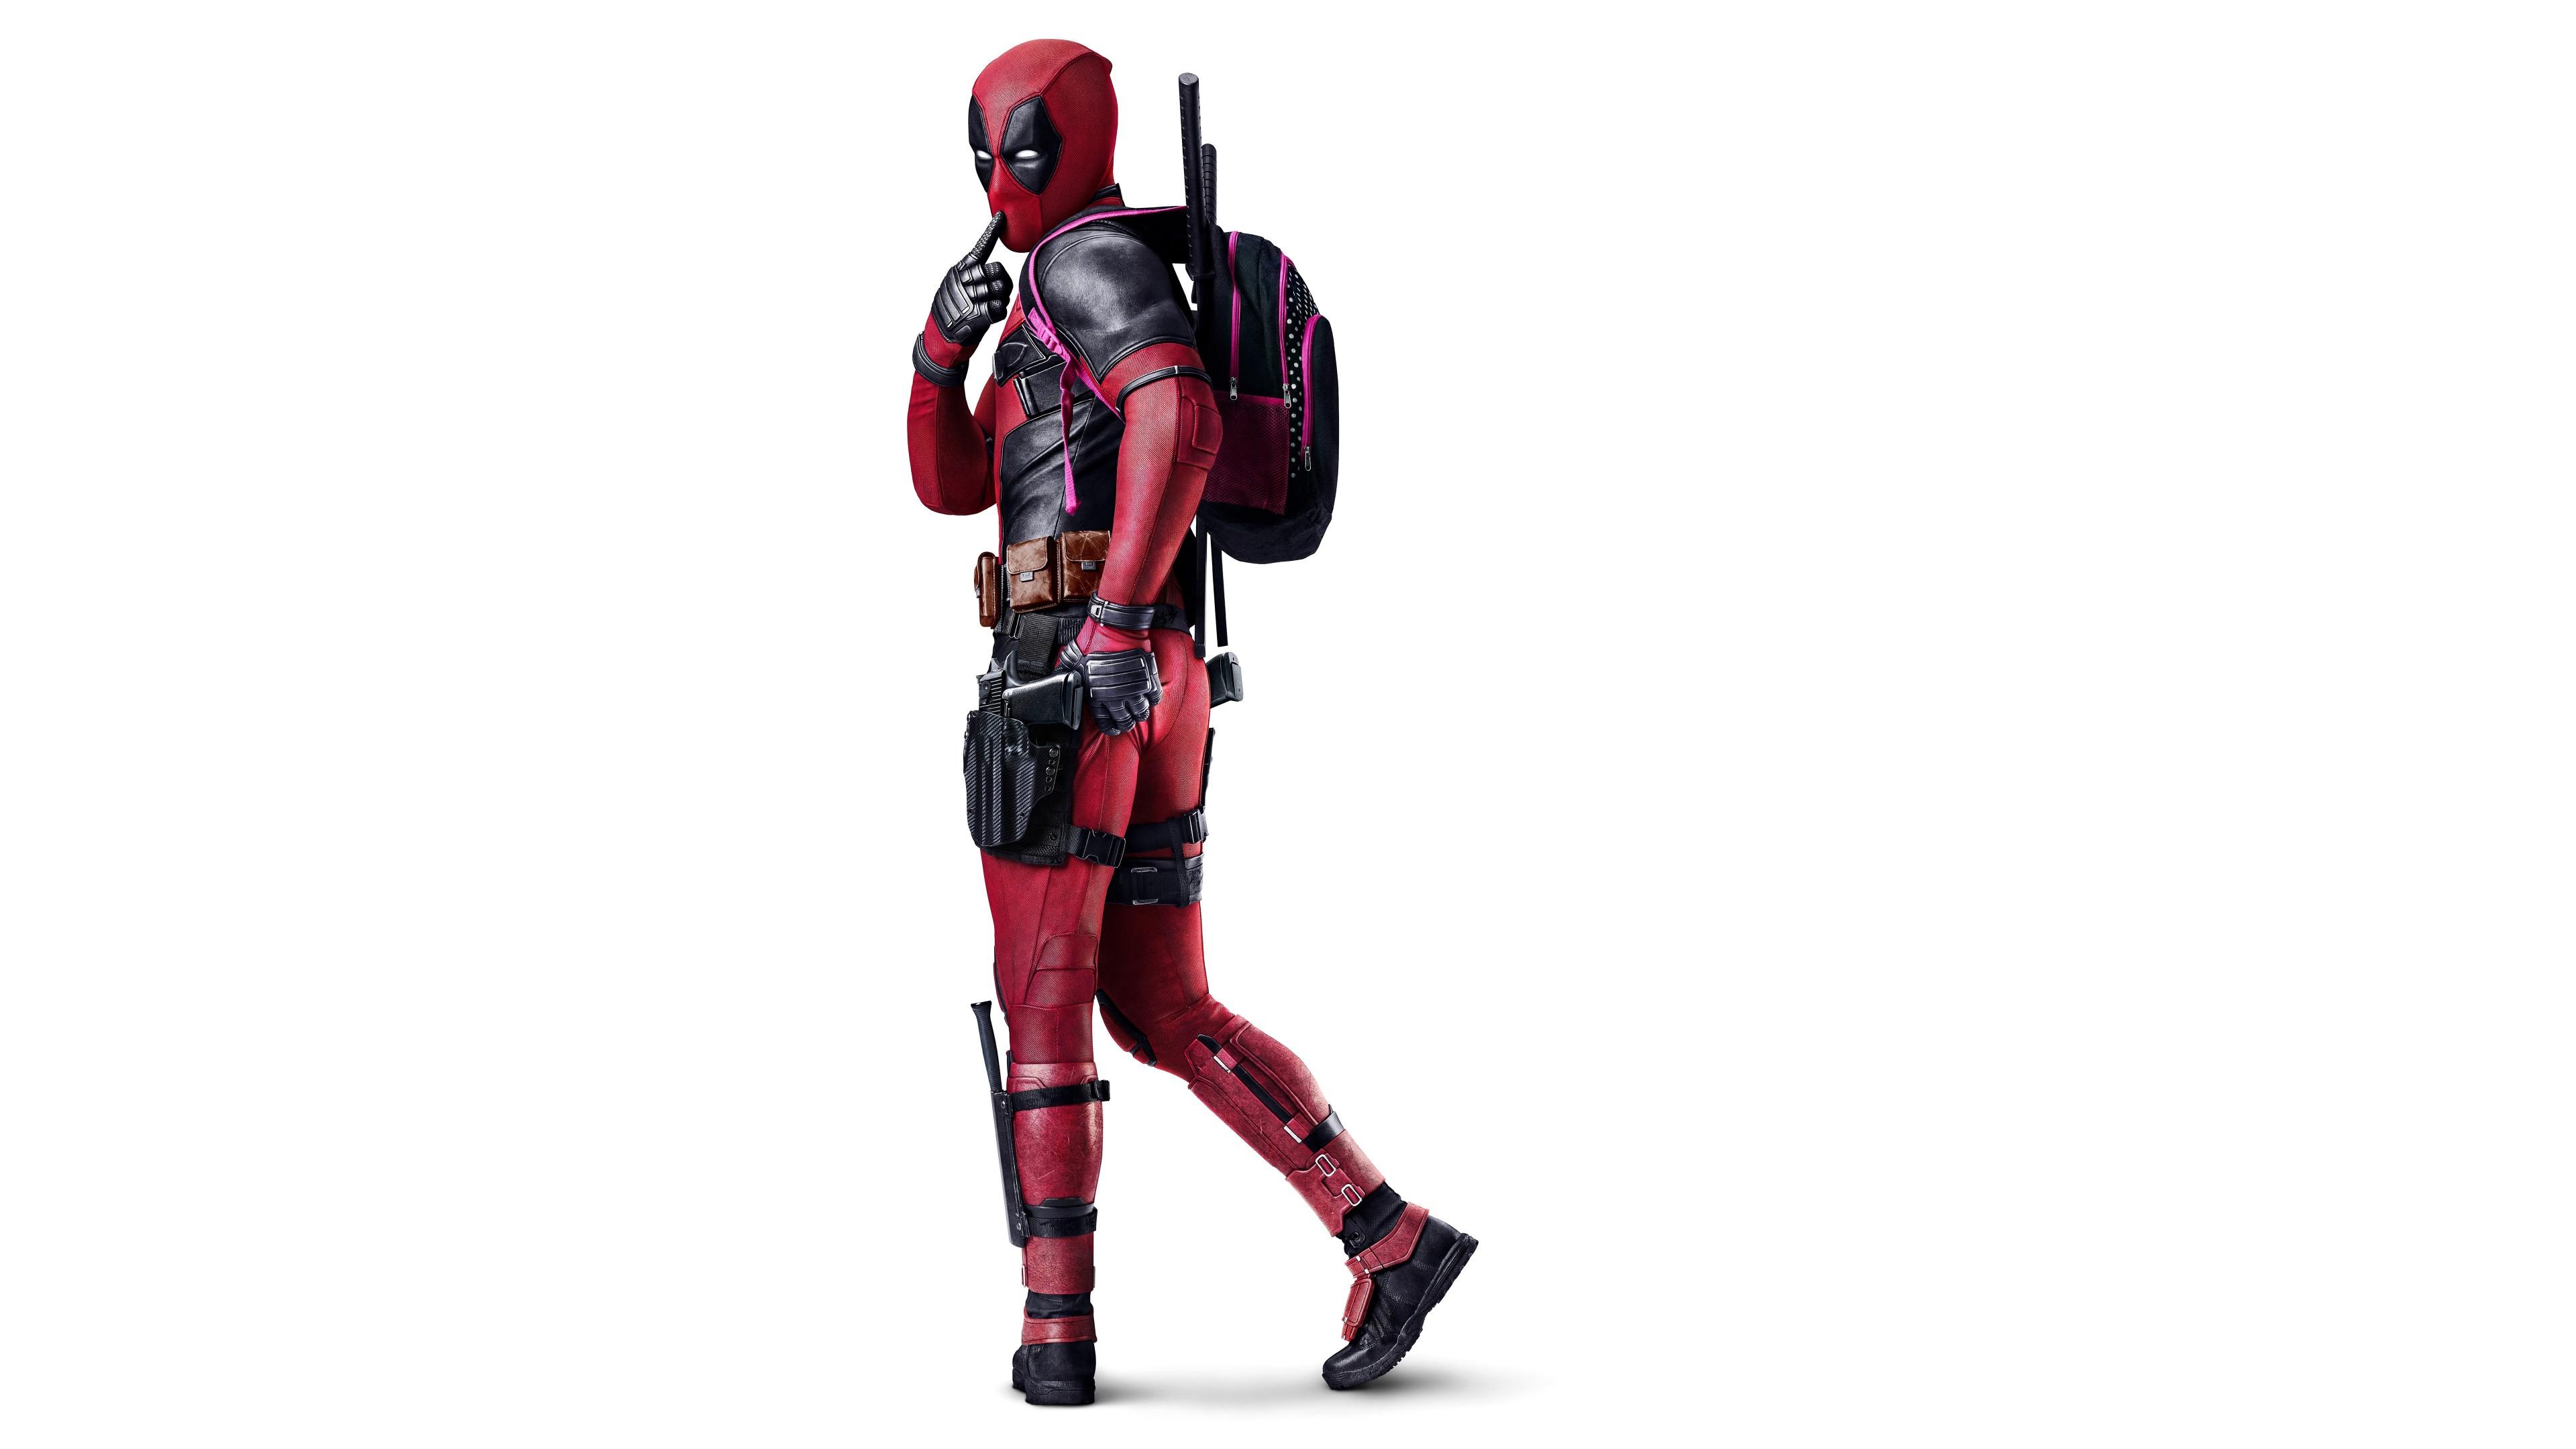 Реклама героя в красно-черном шлеме с рюкзаком и оружием